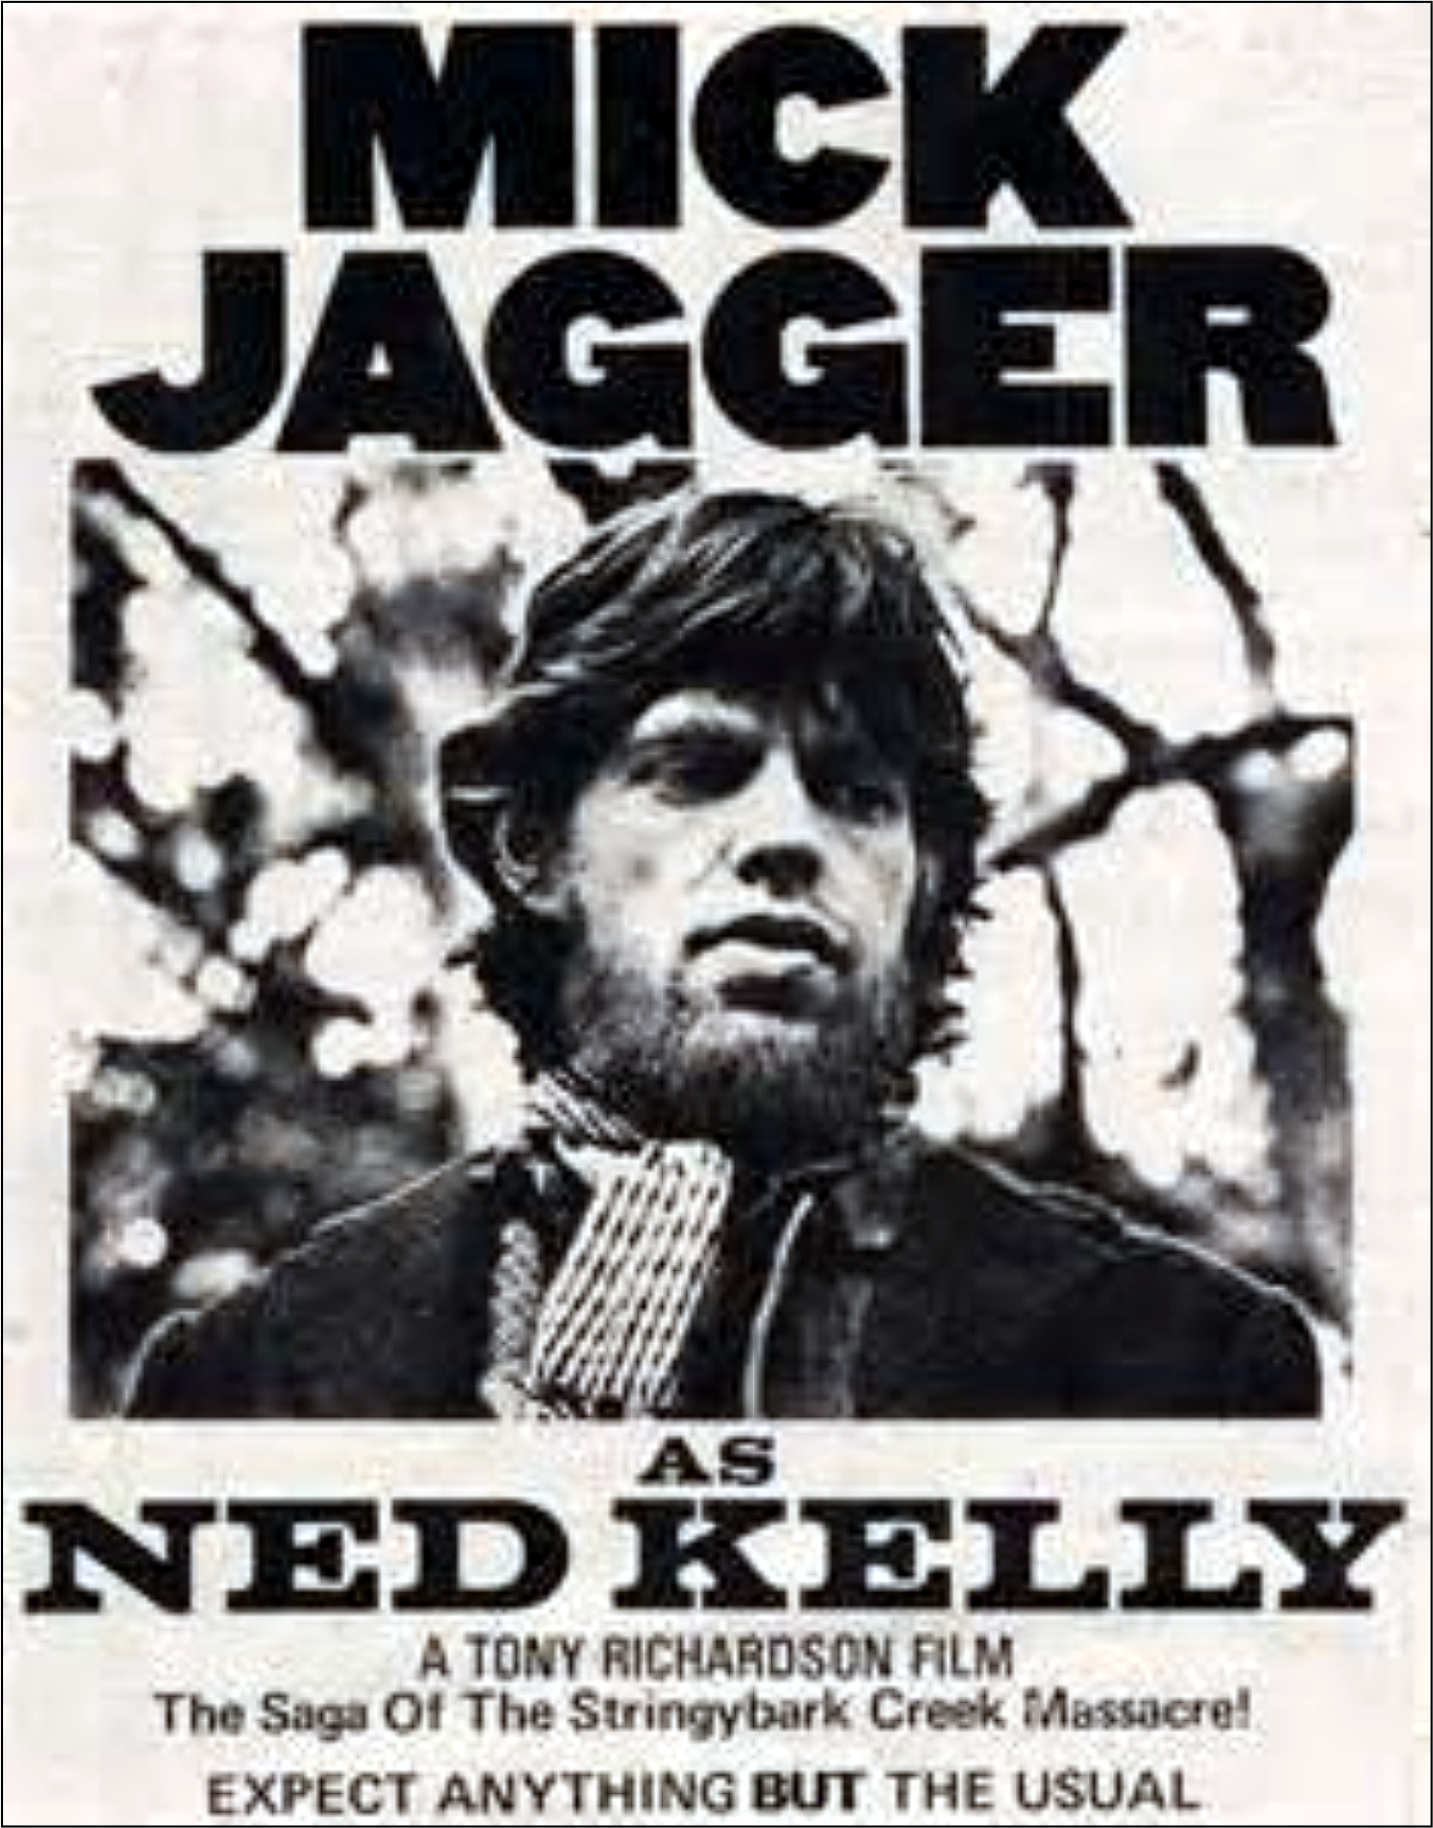 Ned kelly 1970